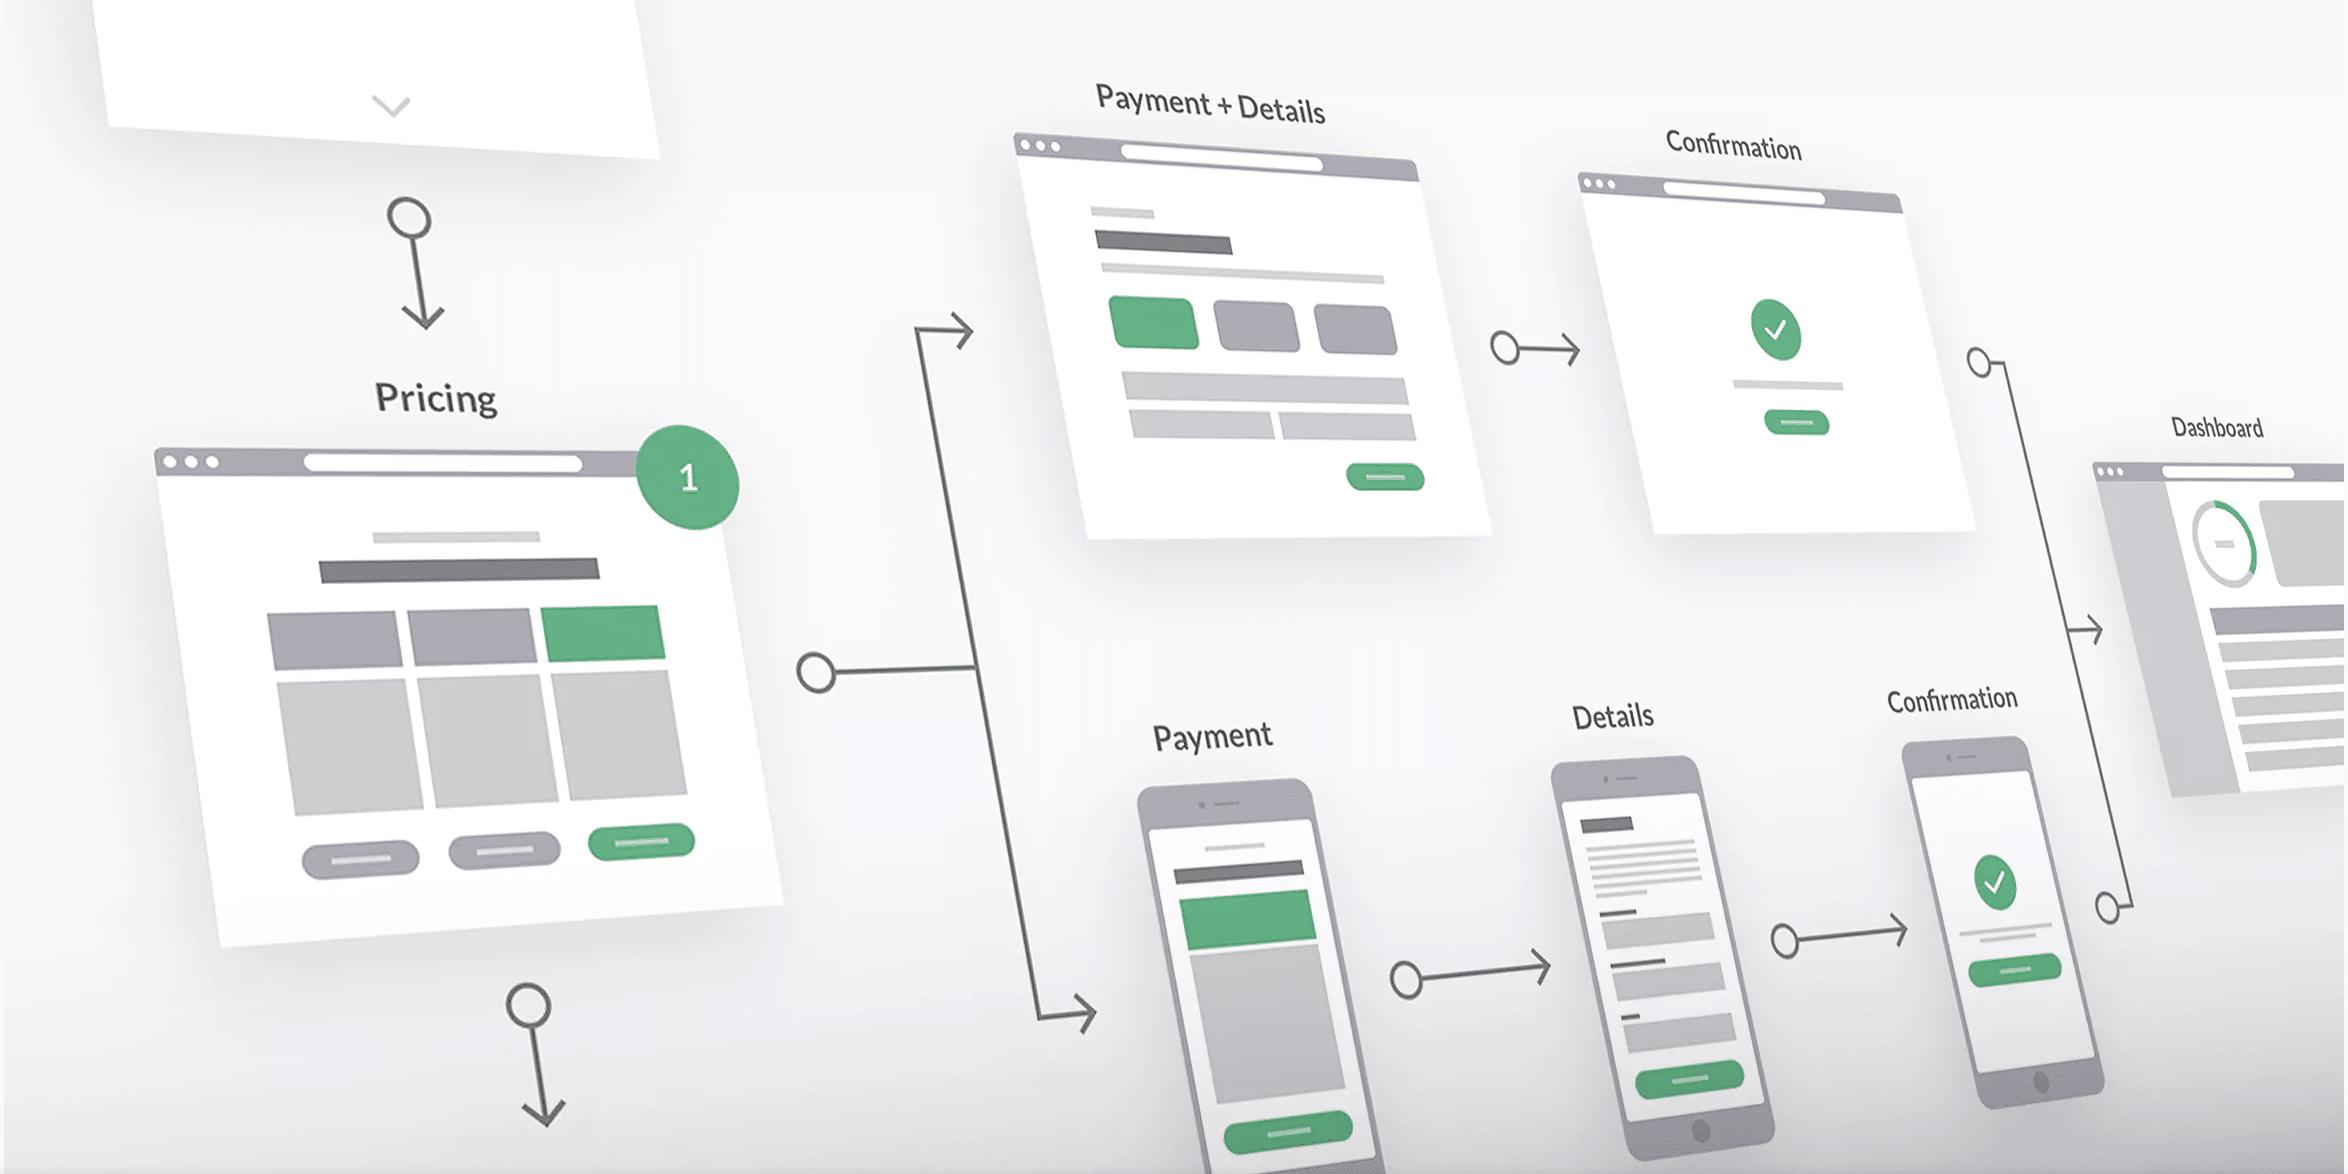 efikasan web dizajn vodi kupce ka cilju